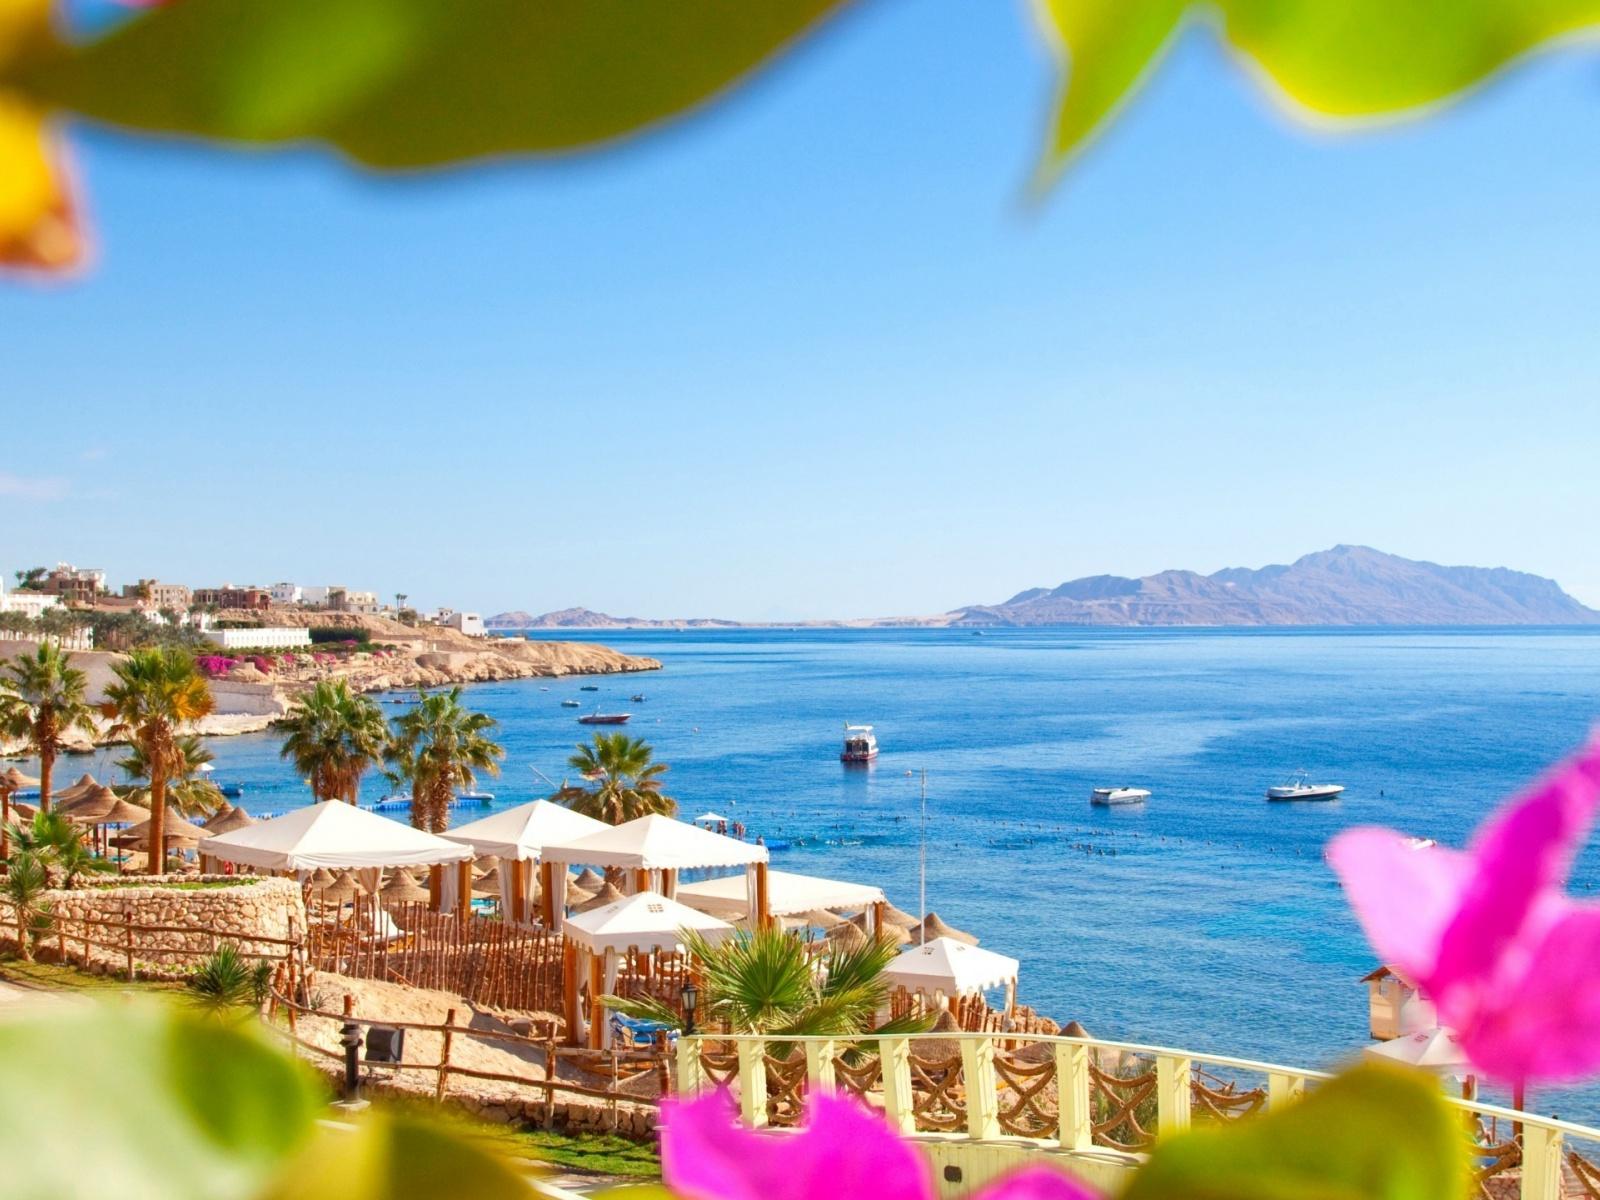 1600x1200 Egypt Beach Resort desktop PC and Mac wallpaper 1600x1200